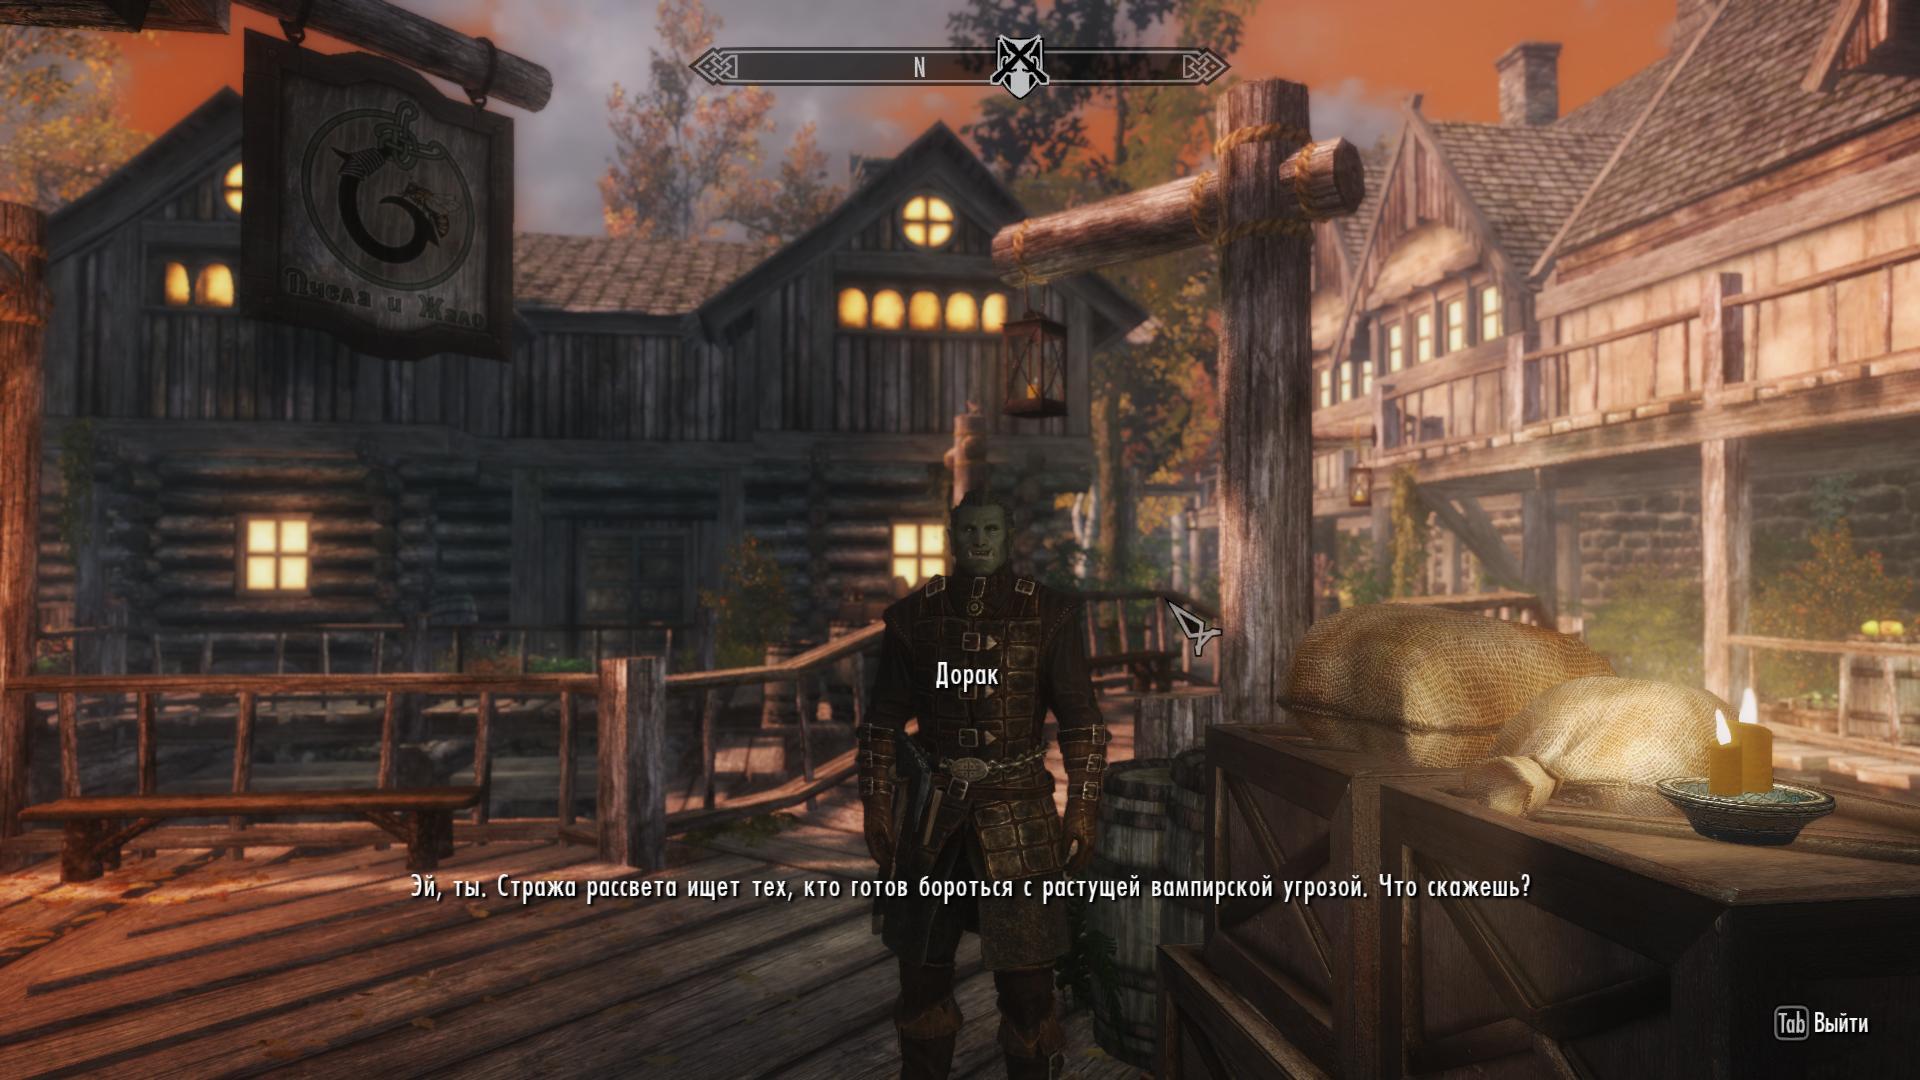 Игровой мир скайрим скачать игру, моды, дополнения, коды skyrim.